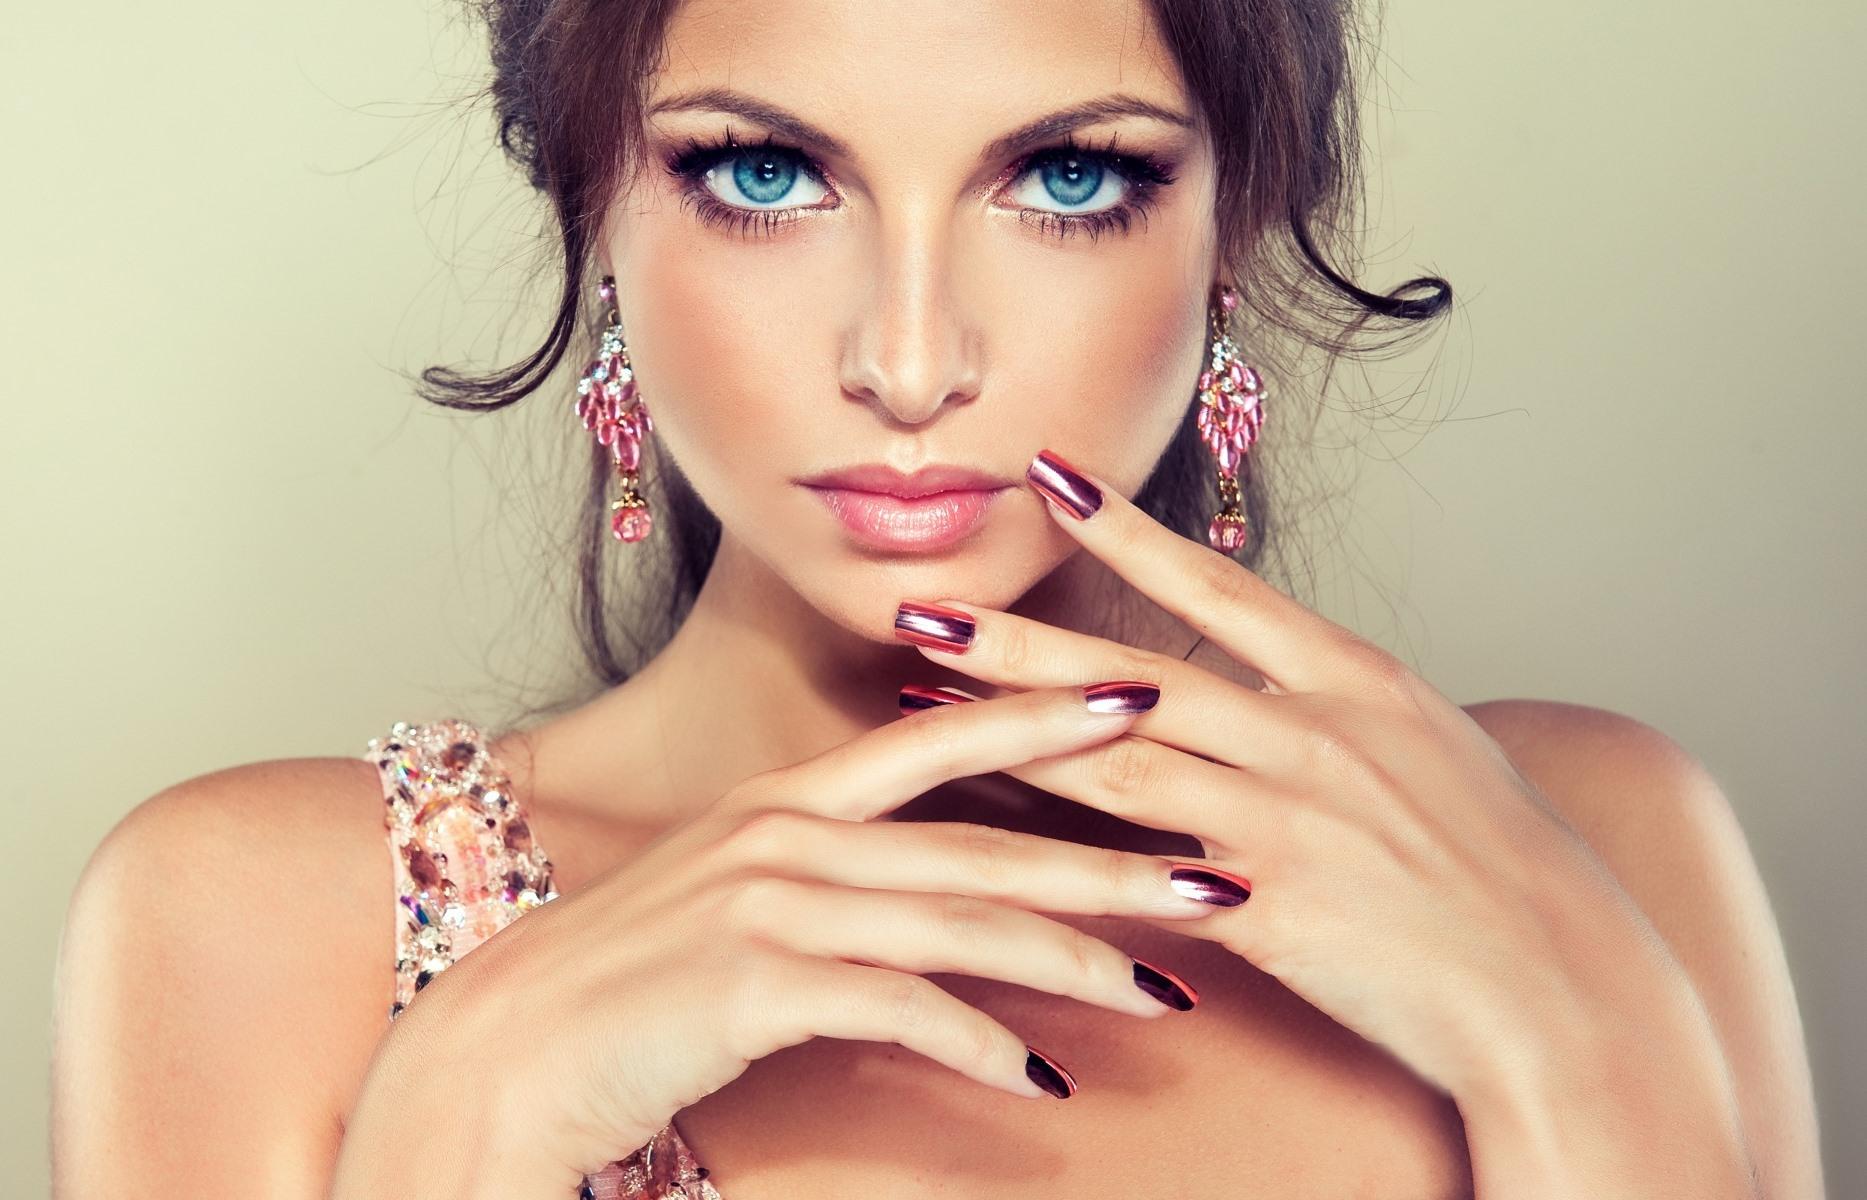 15€ από 39€ για Ημιμόνιμο Full Spa Manicure & Σχηματισμό Φρυδιών με κλωστή, στο ολοκαίνουργιο ''Le Petit Salon'' στην Αργυρούπολη εικόνα